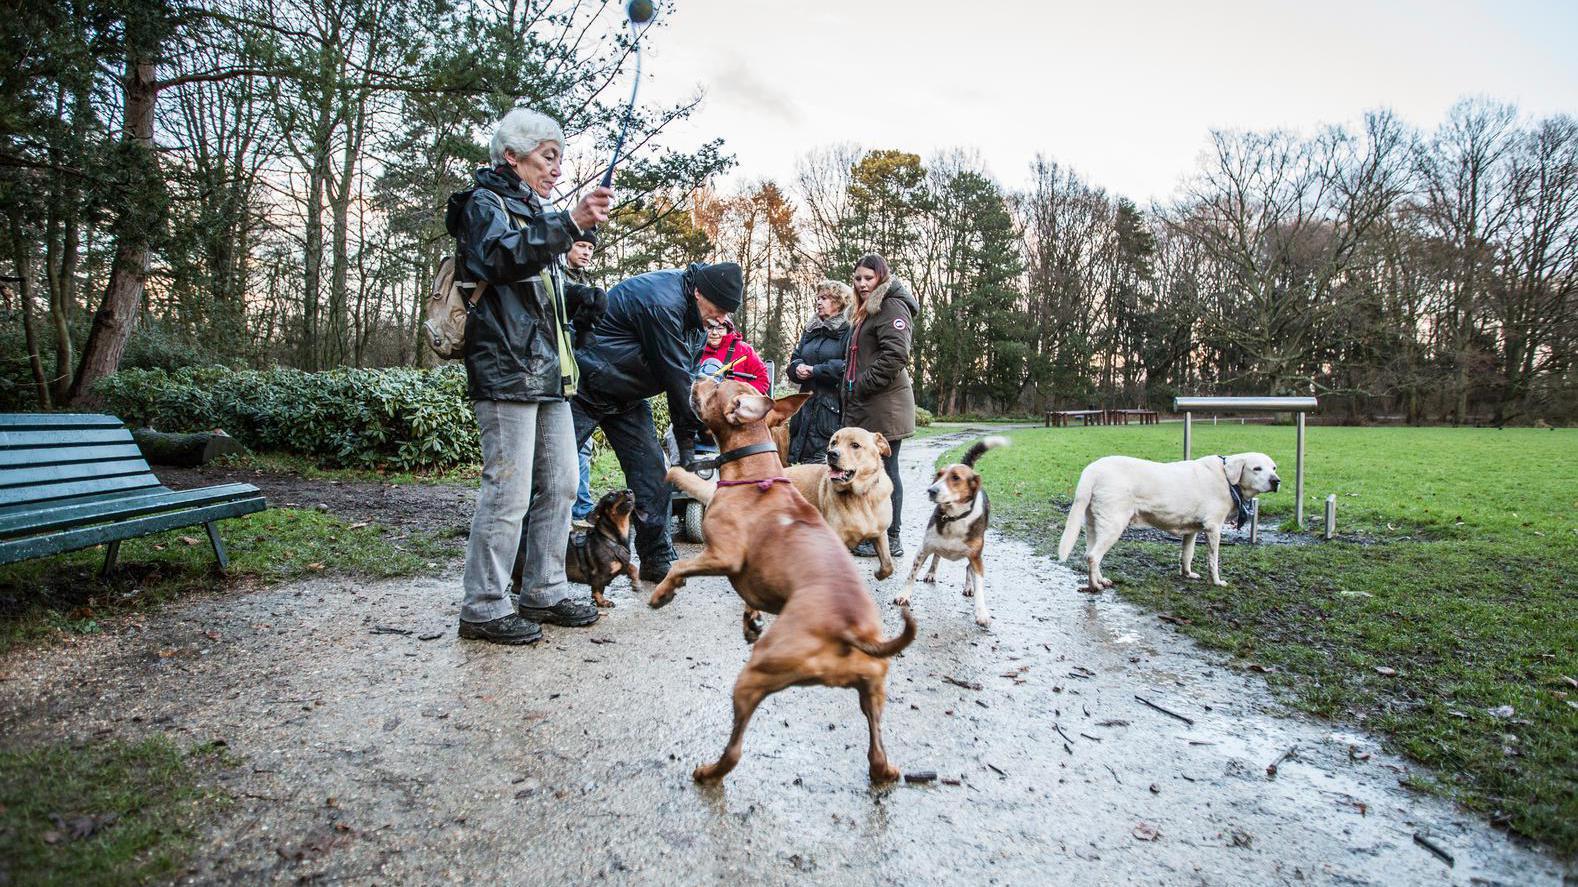 Bijtincidenten met honden: 'Met regels los je dit niet op'